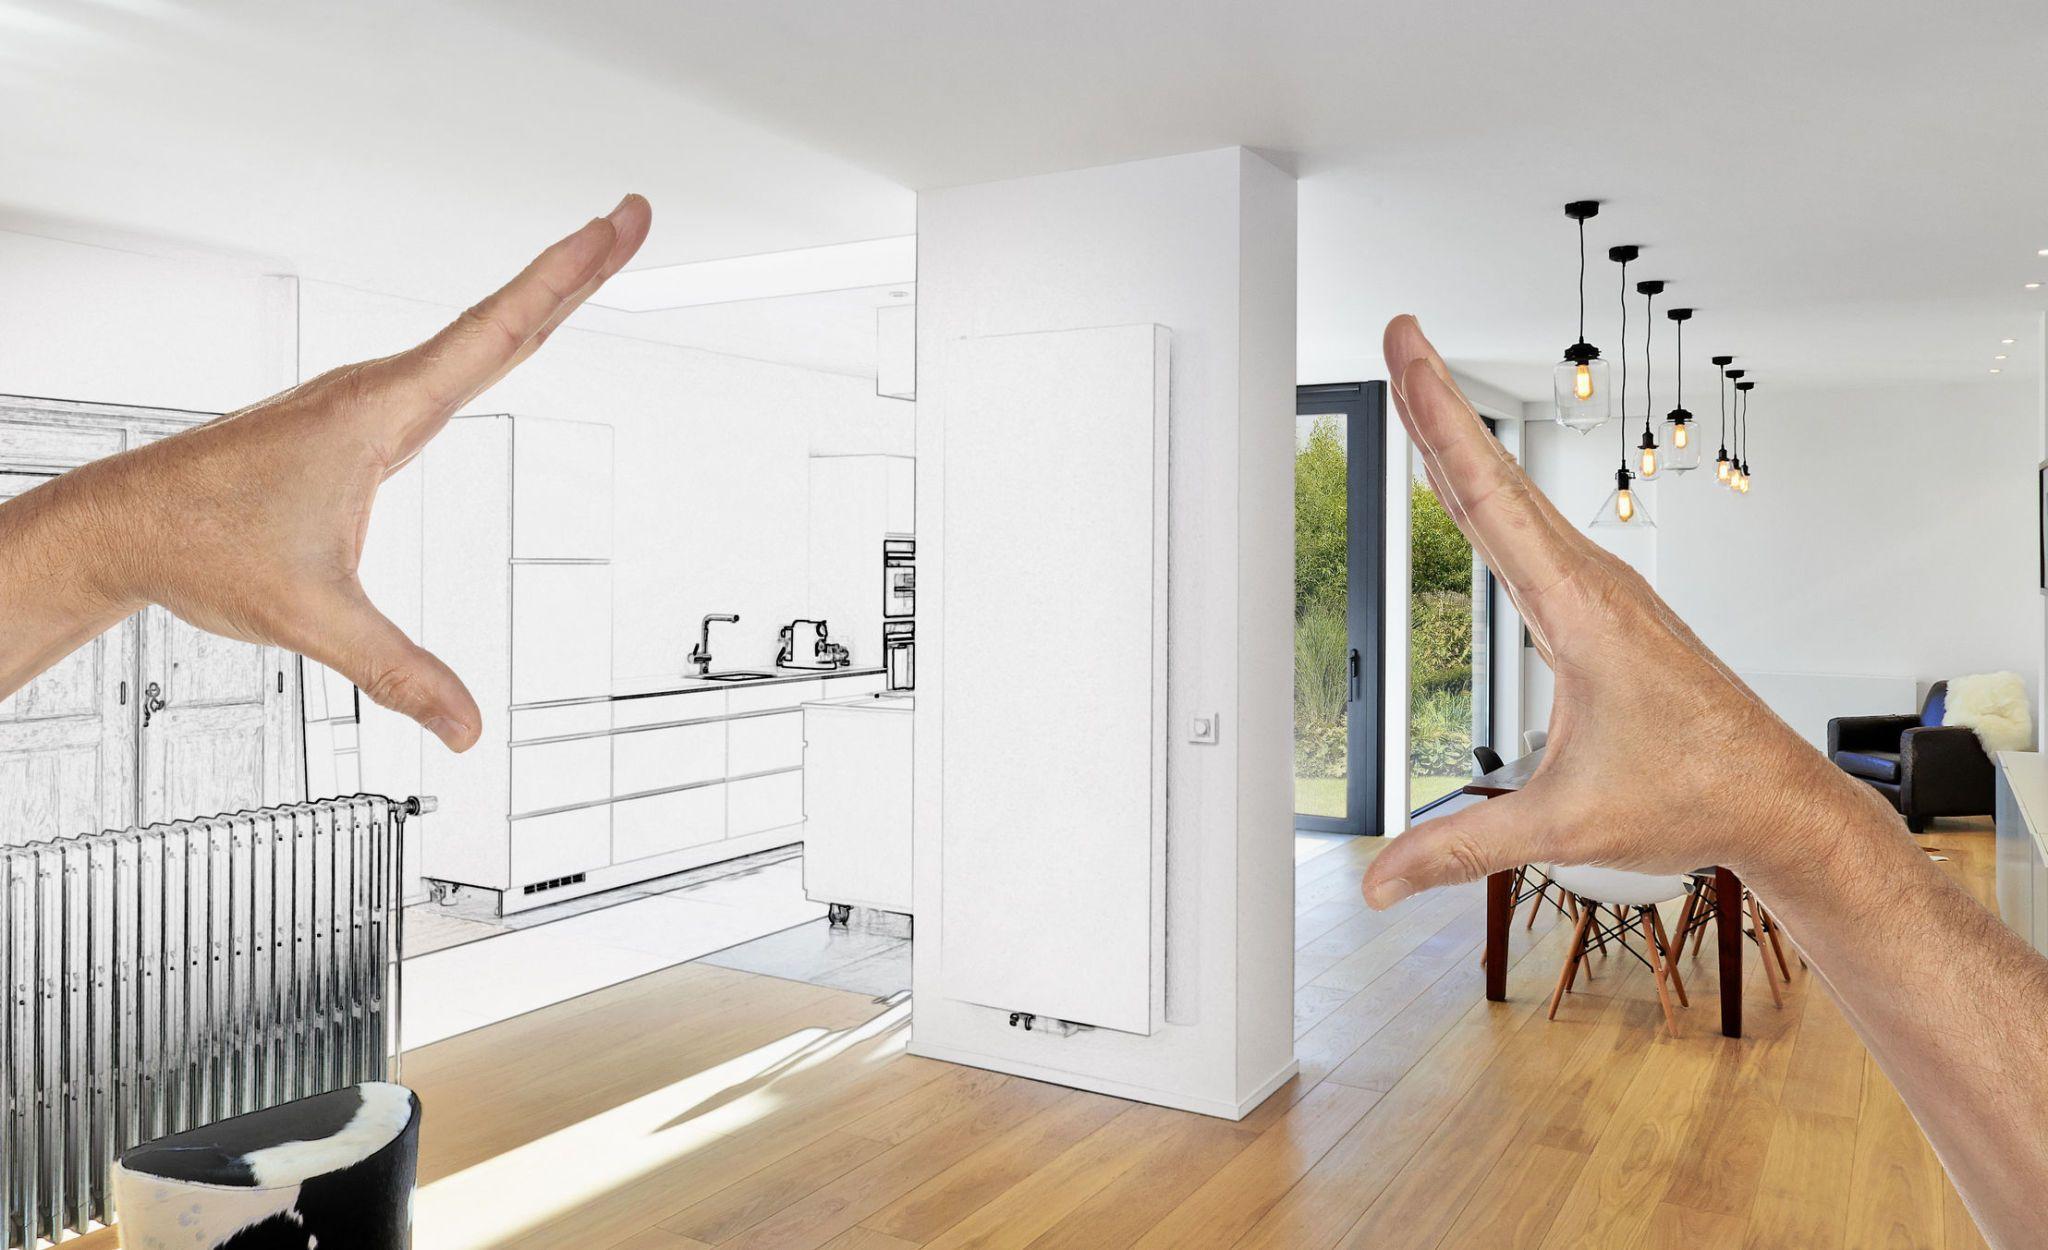 Draw Bathroom Floor Plan Online